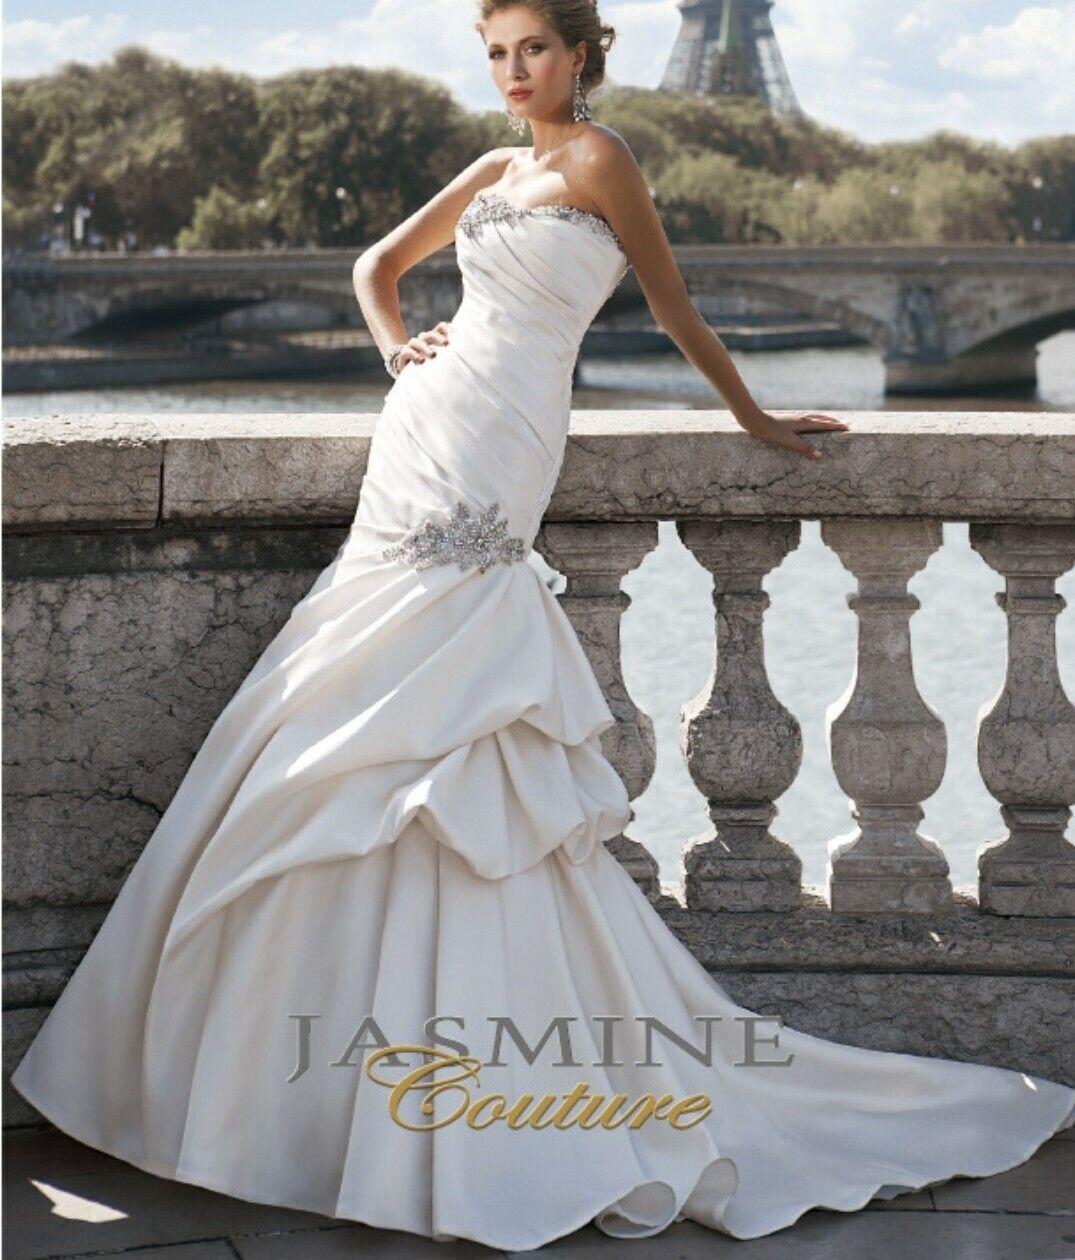 Jasmine Couture Ivory Wedding Dress Size 10 - image 8